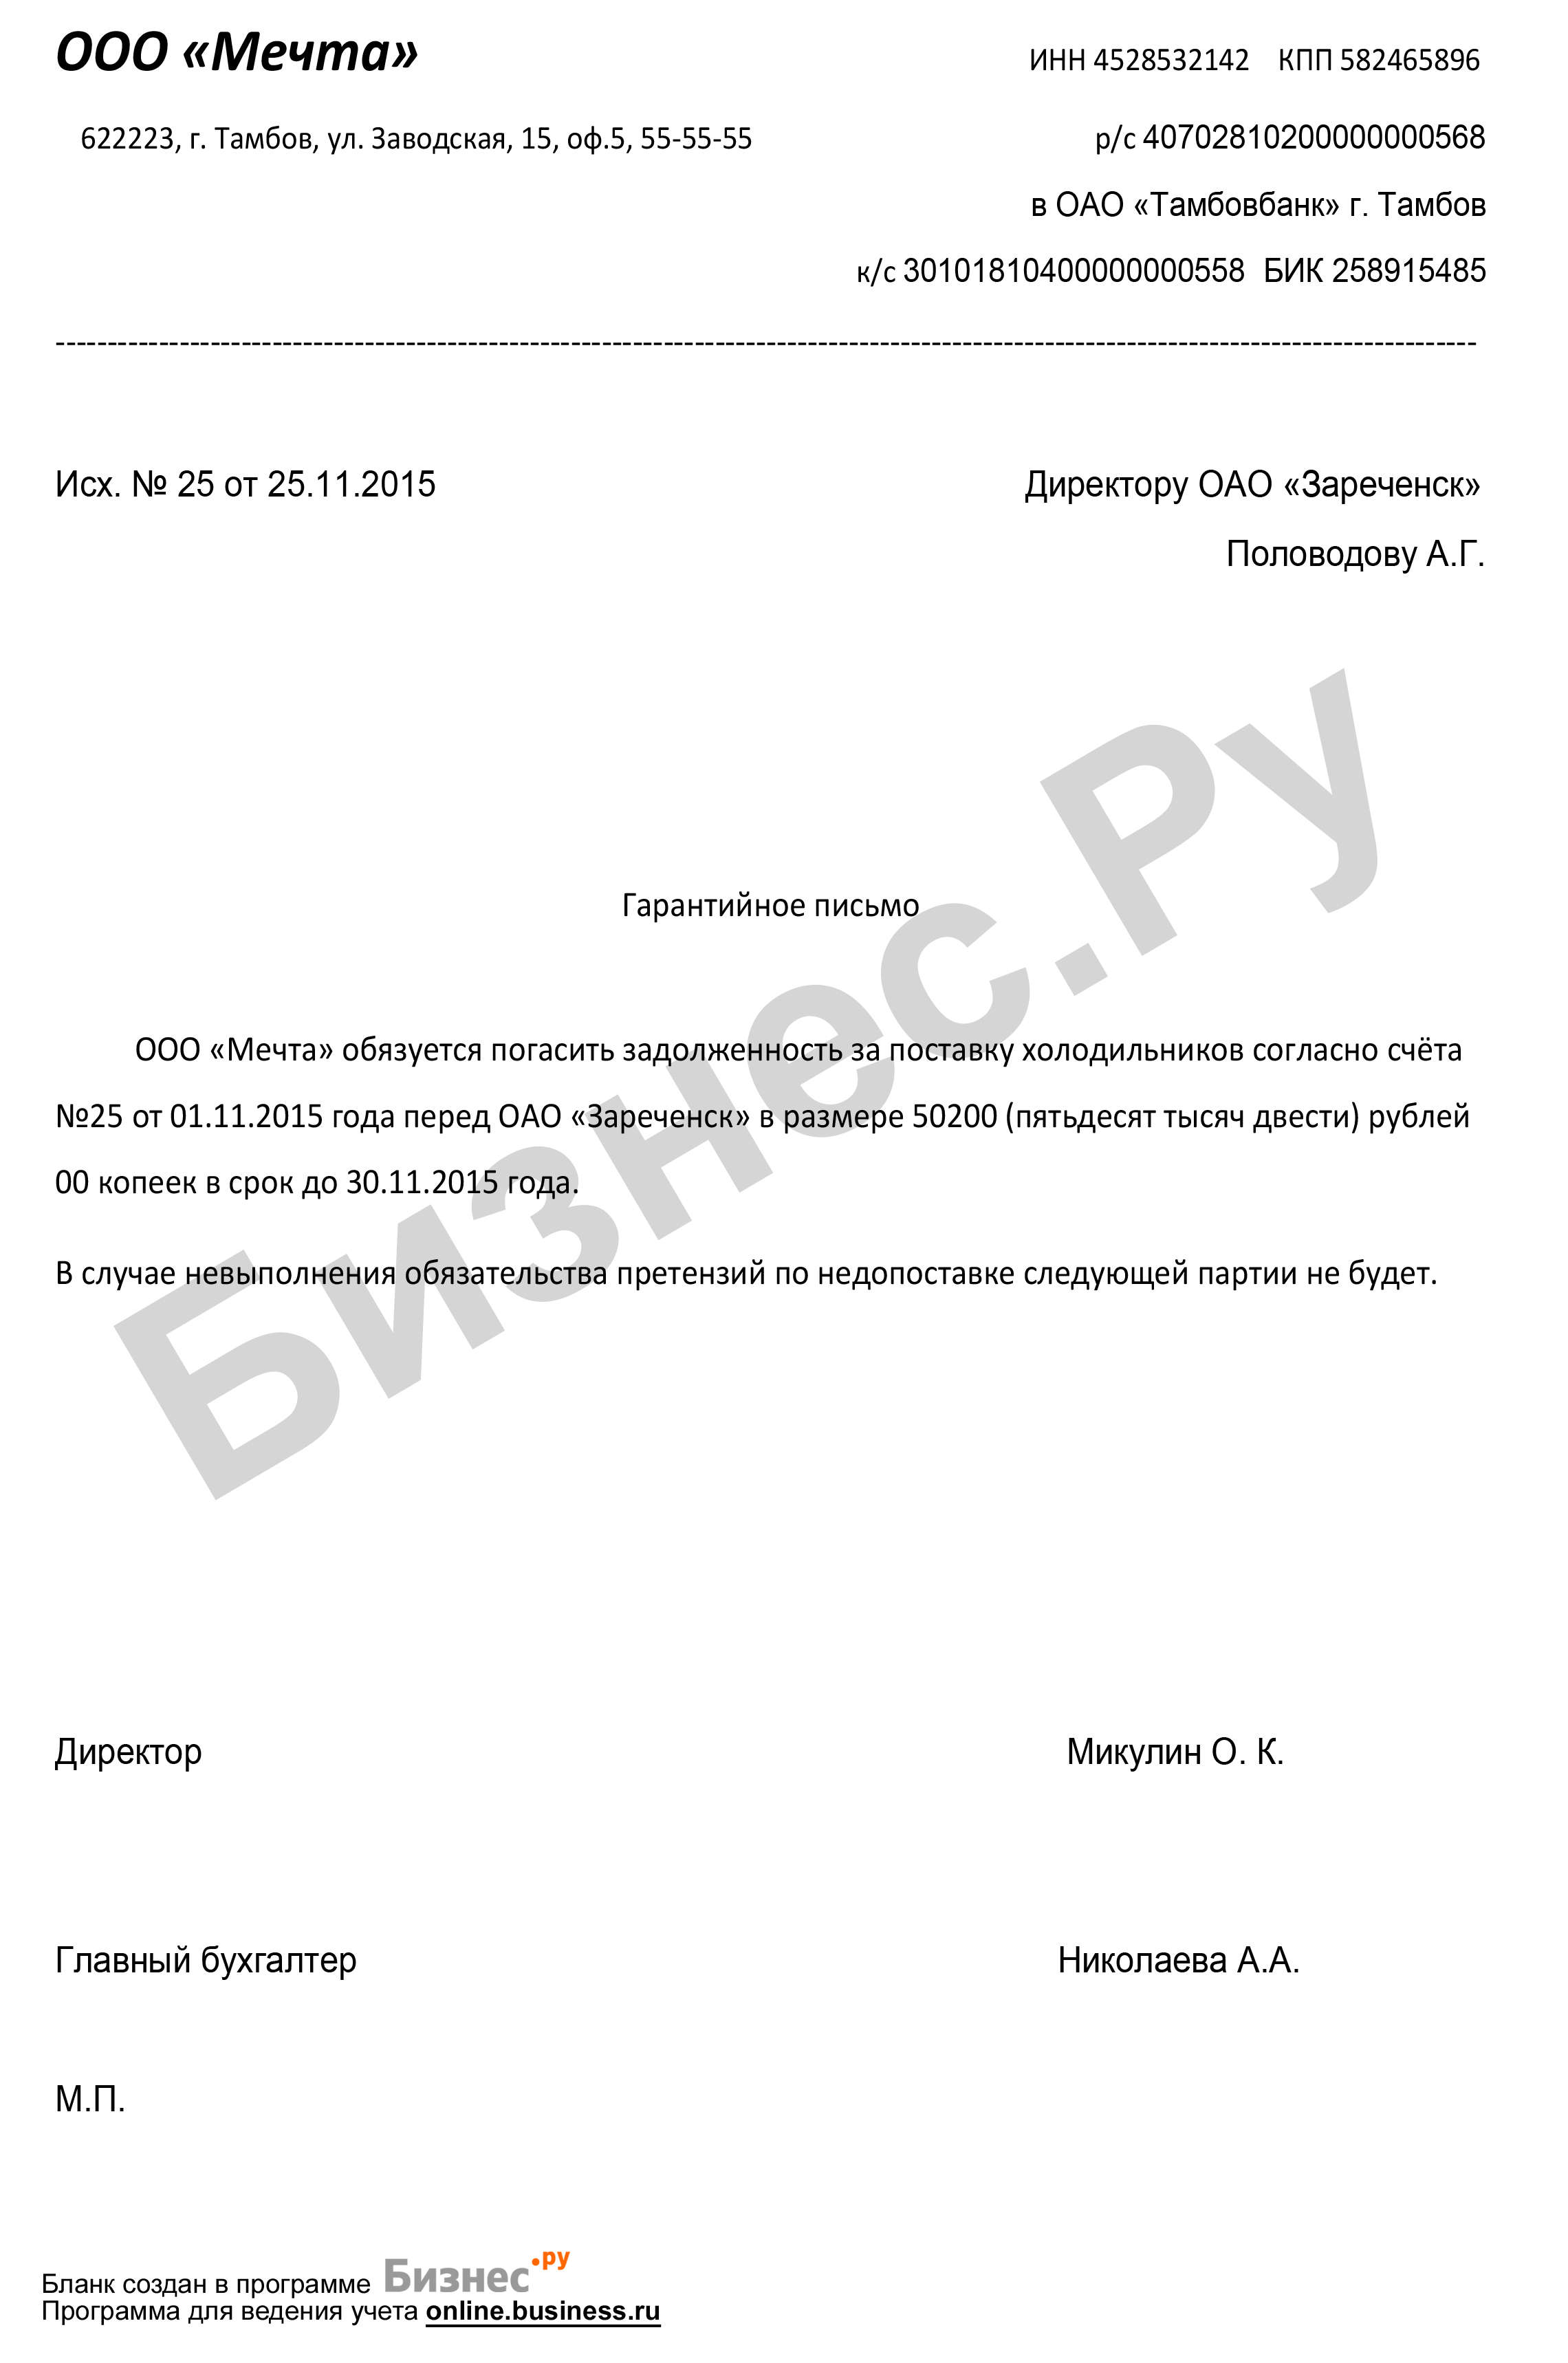 Ограничения по стандартному налоговому вычету 114